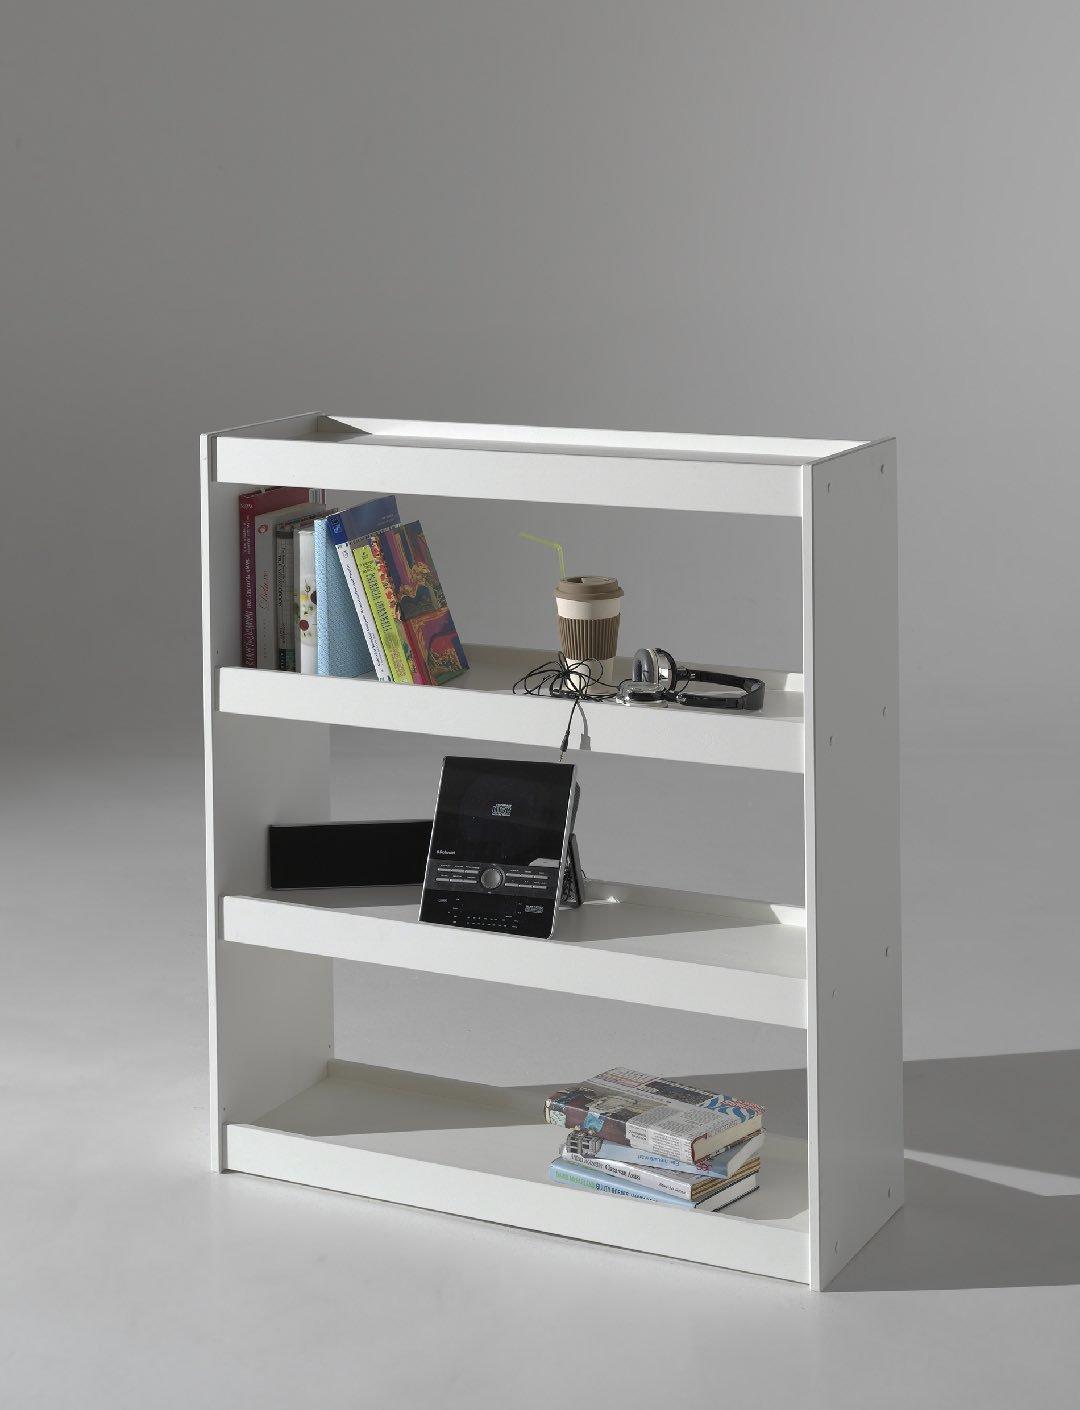 Vipack PIBI8014 Pino Bibliothèque Blanc Pin 32 x 103 x 120 cm